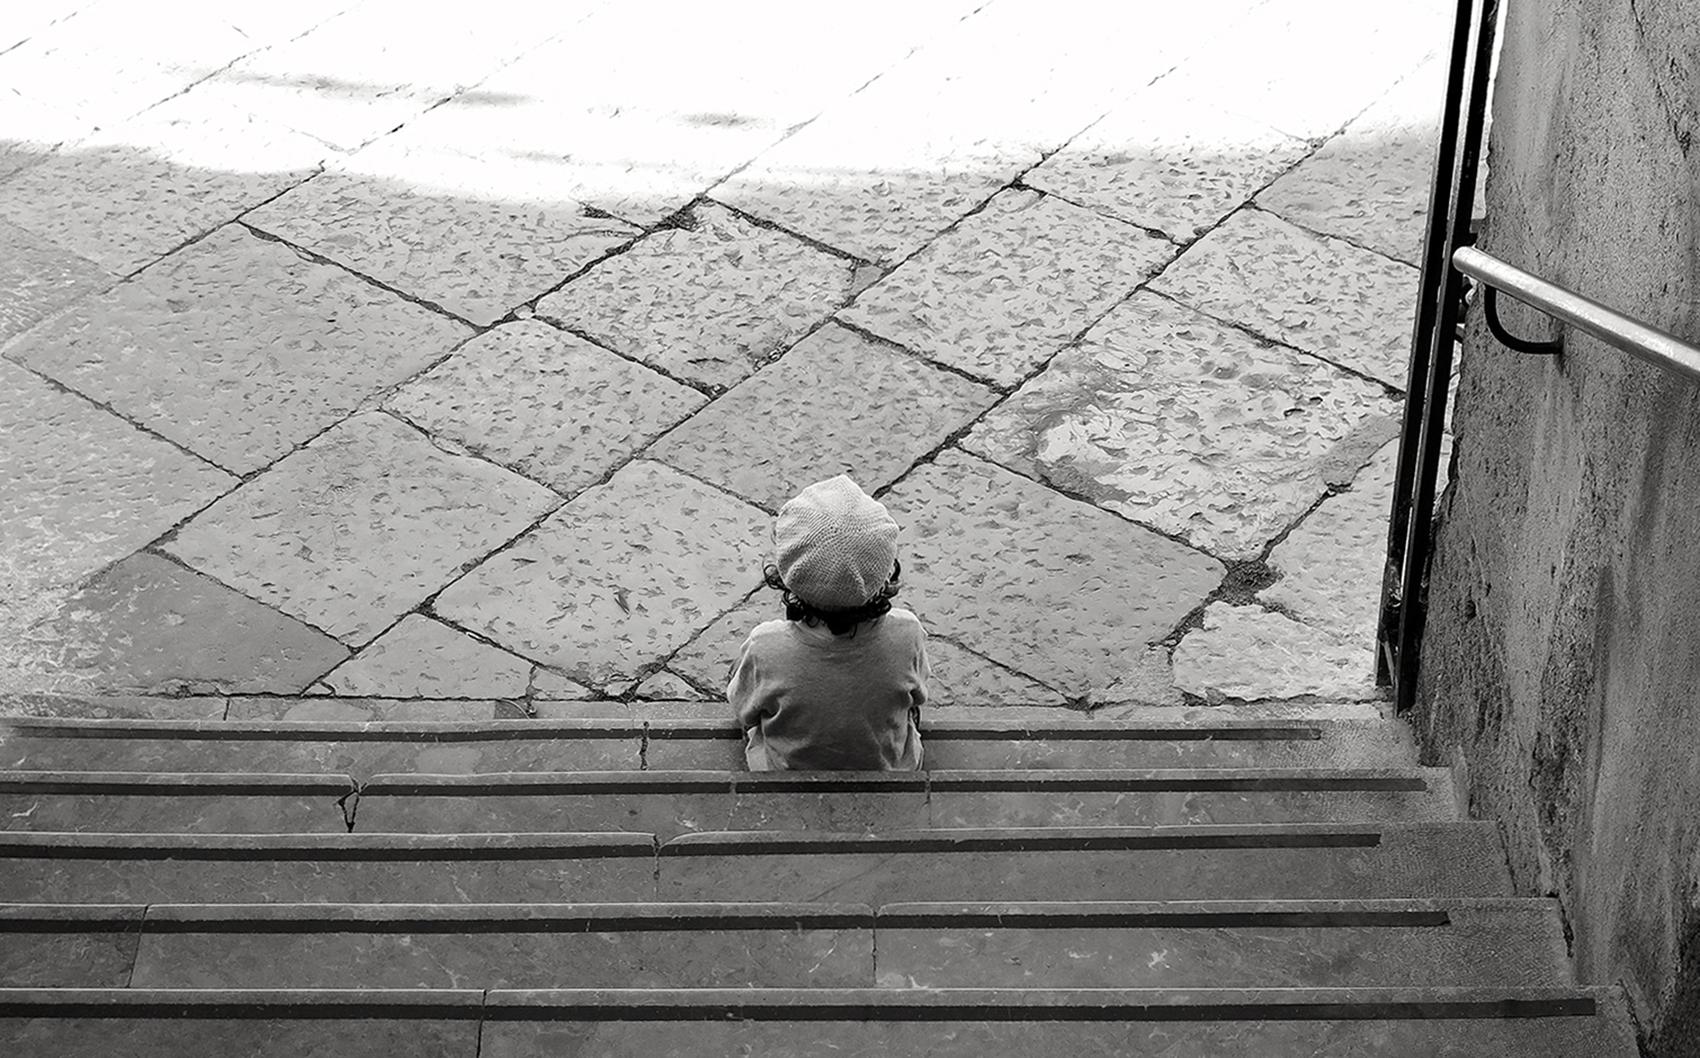 misure giuste Sonia Costa_In the shade